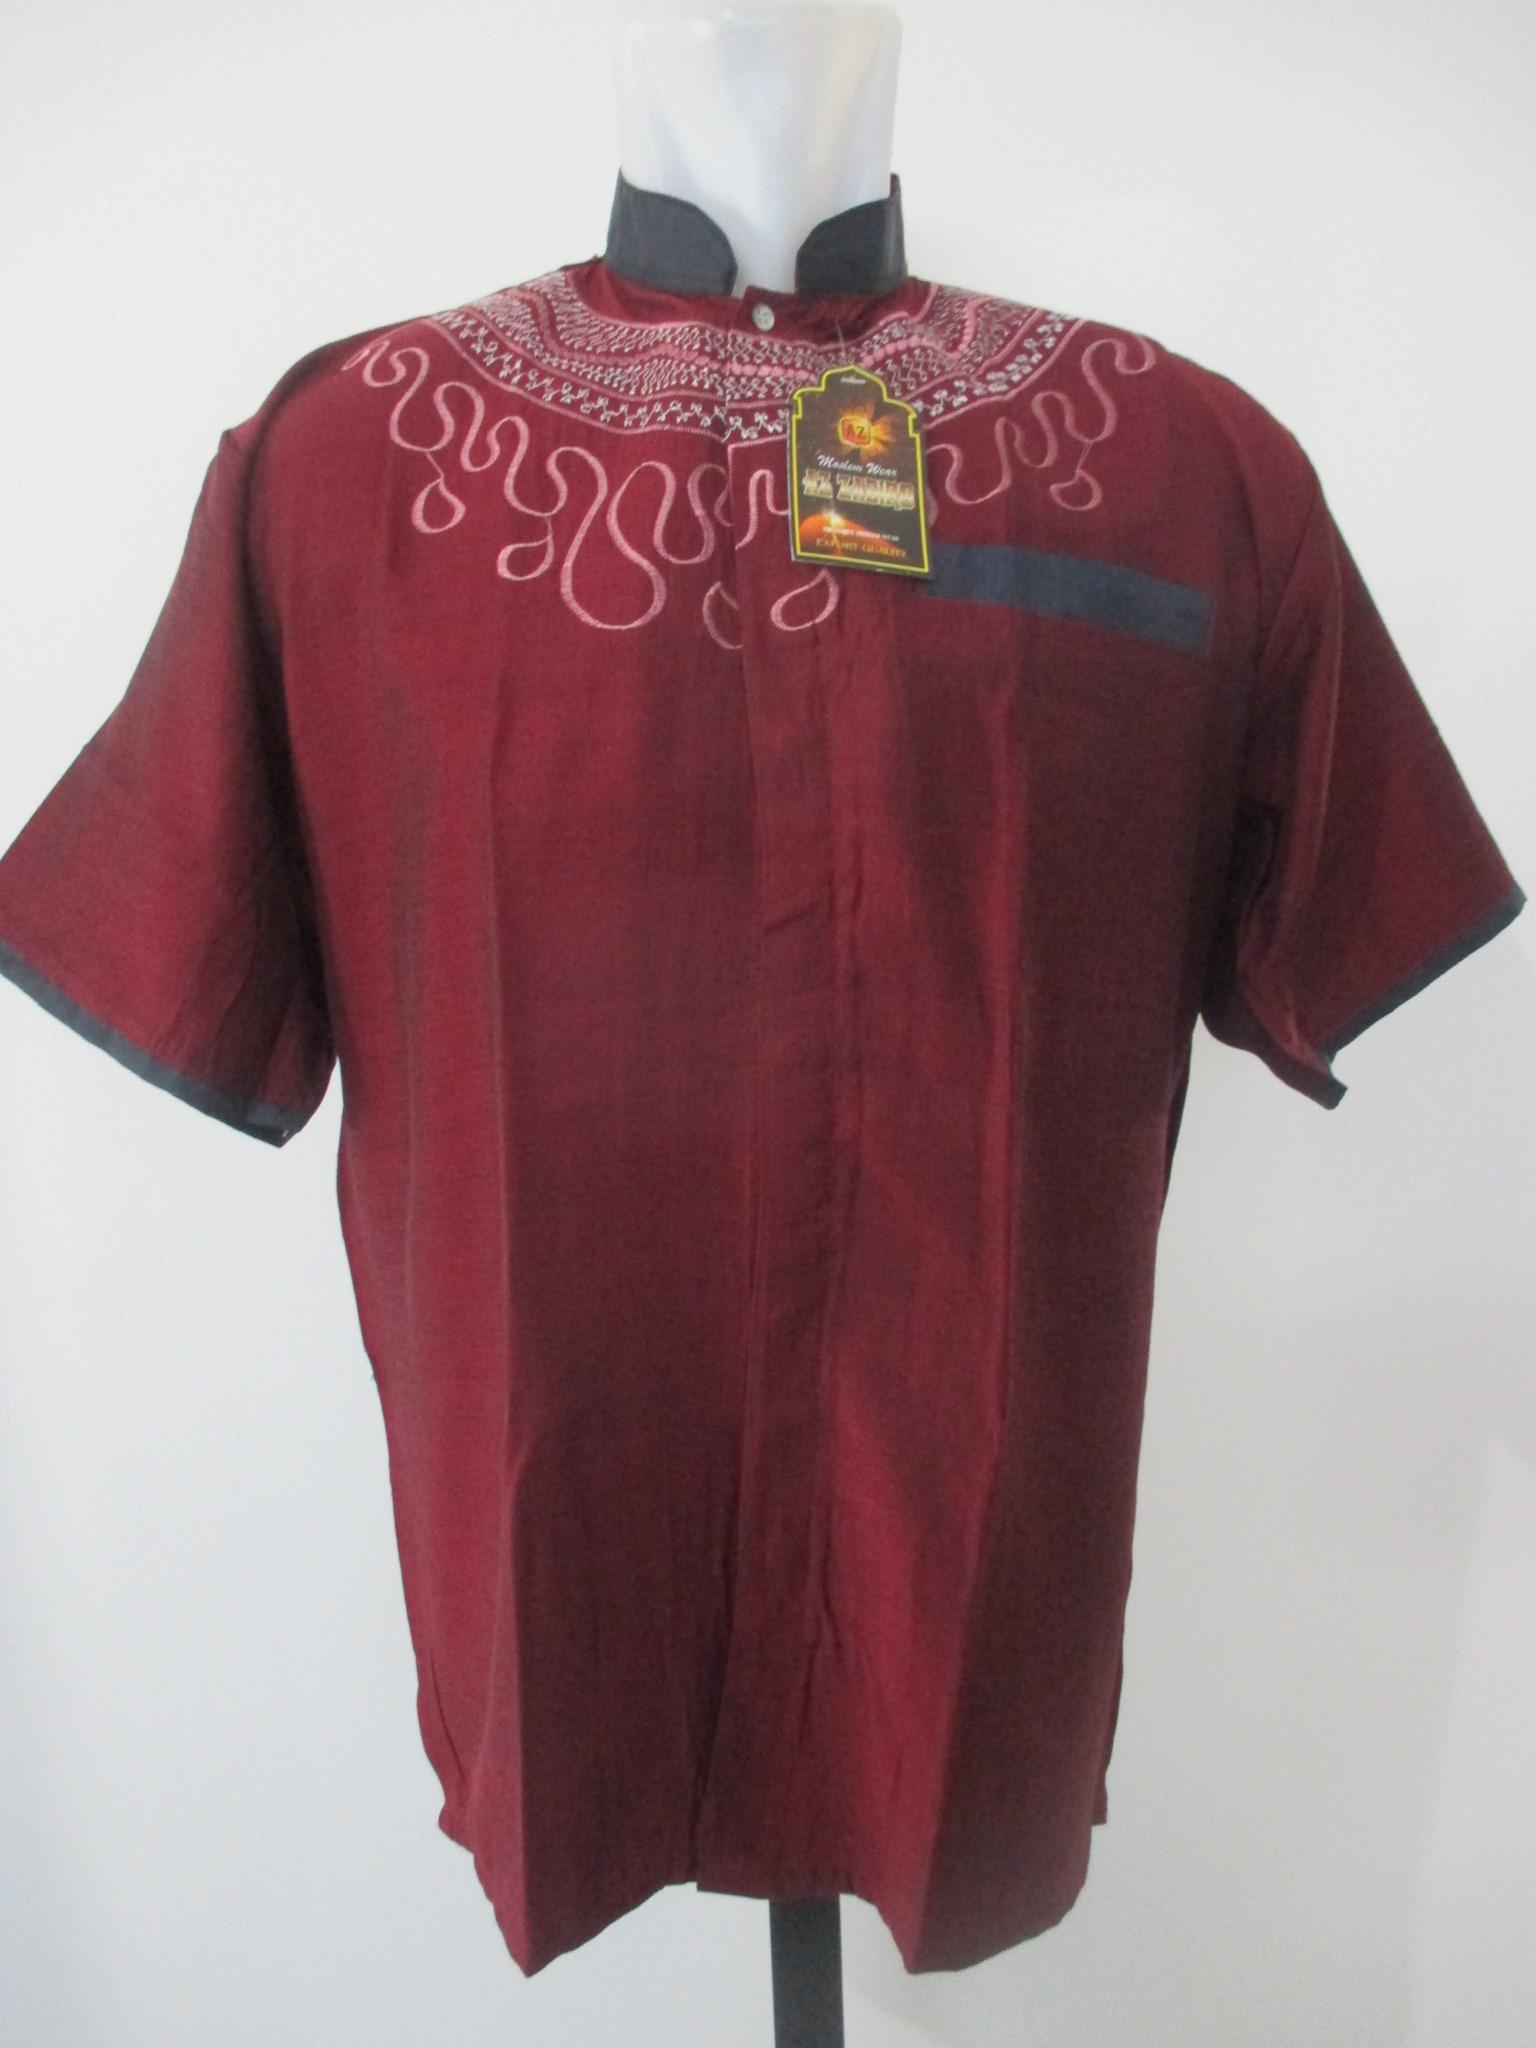 ObralanBaju.com Obral Baju Pakaian Murah Meriah 5000 Koko Bordir